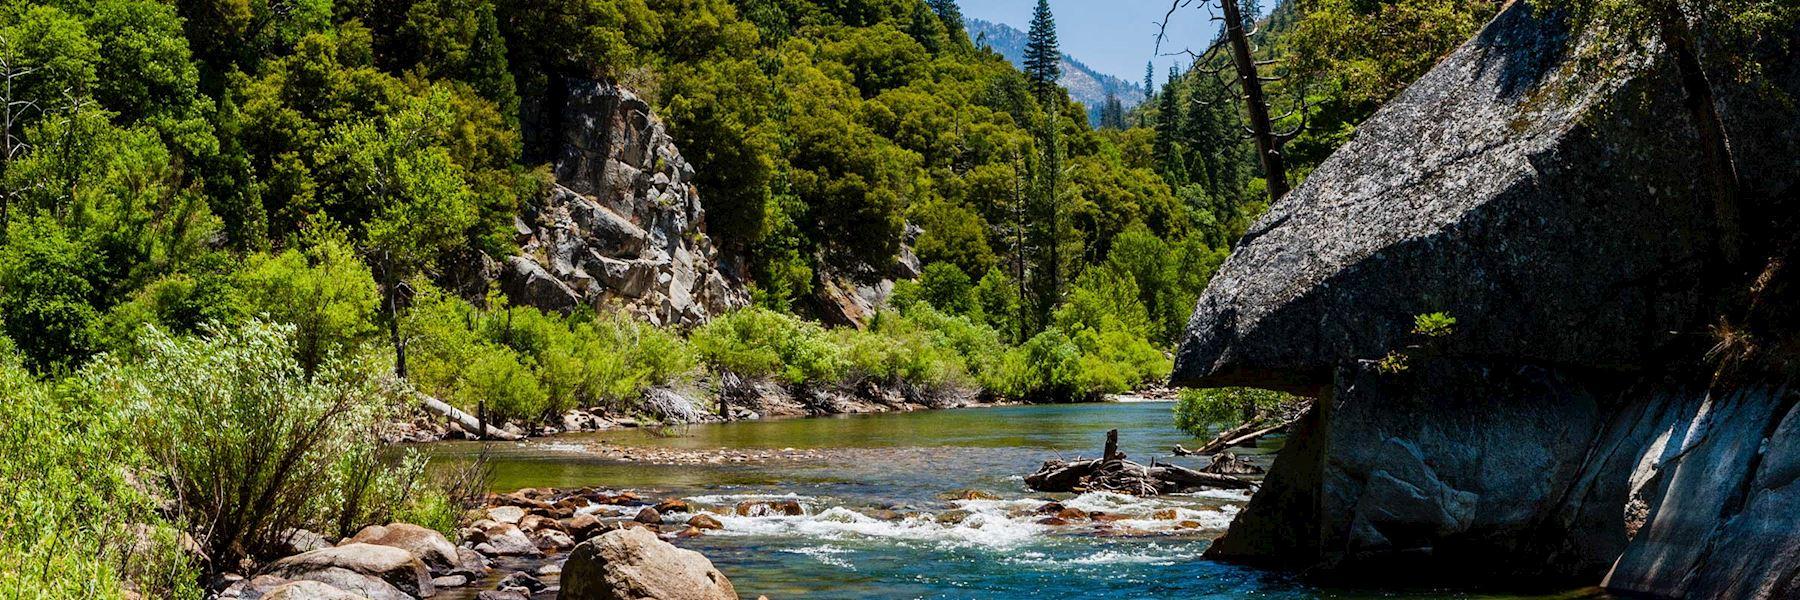 Visit Kings Canyon National Park, California